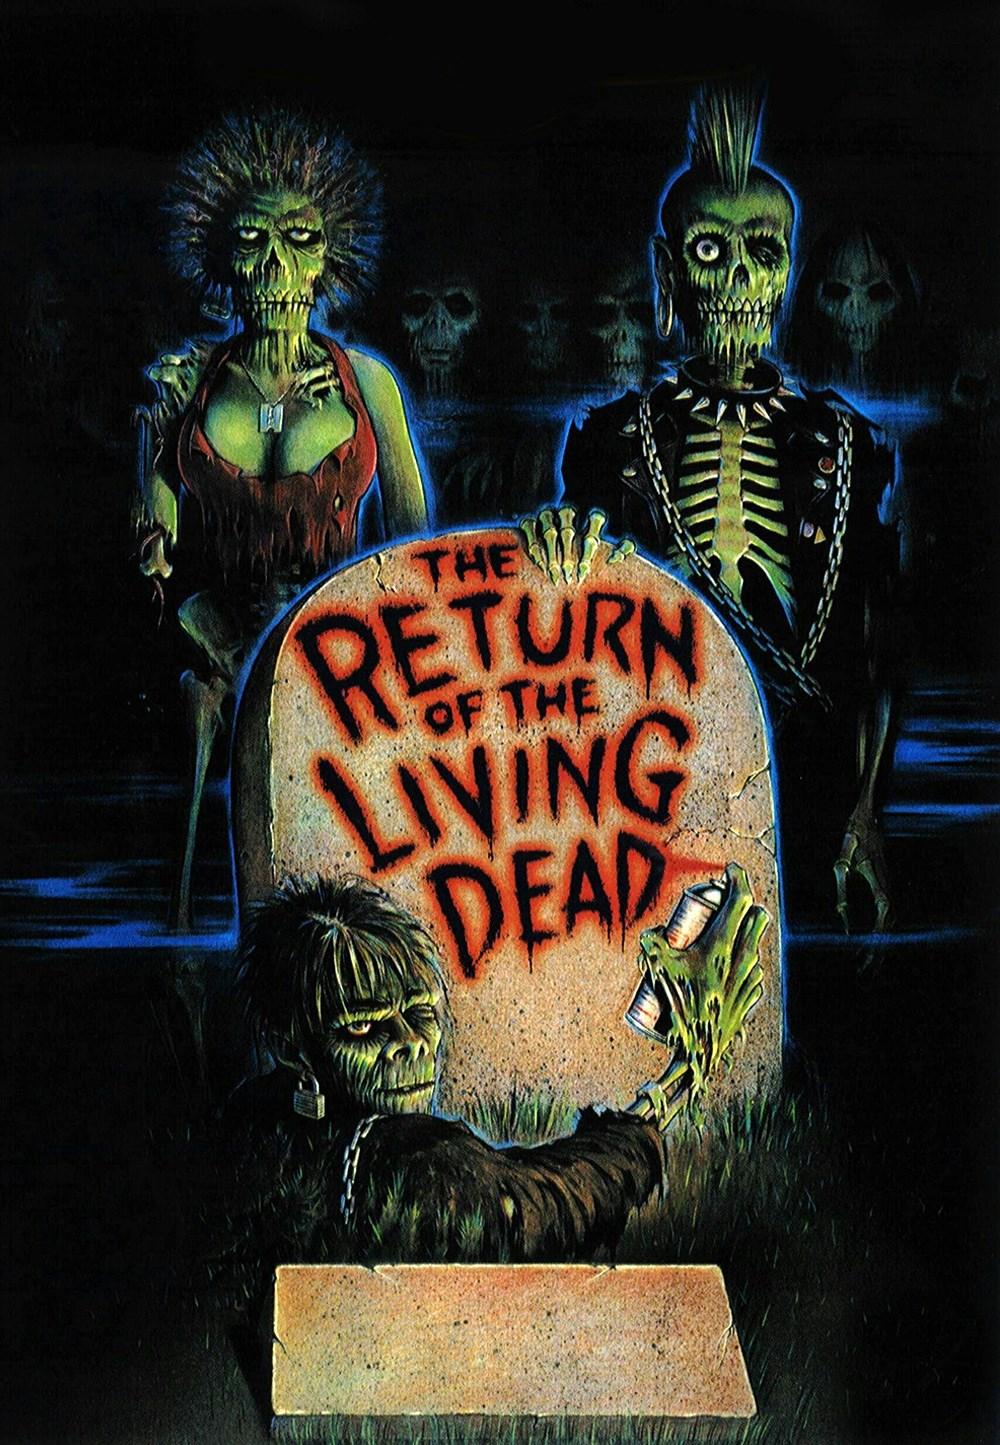 Subscene - Subtitles for The Return of the Living Dead